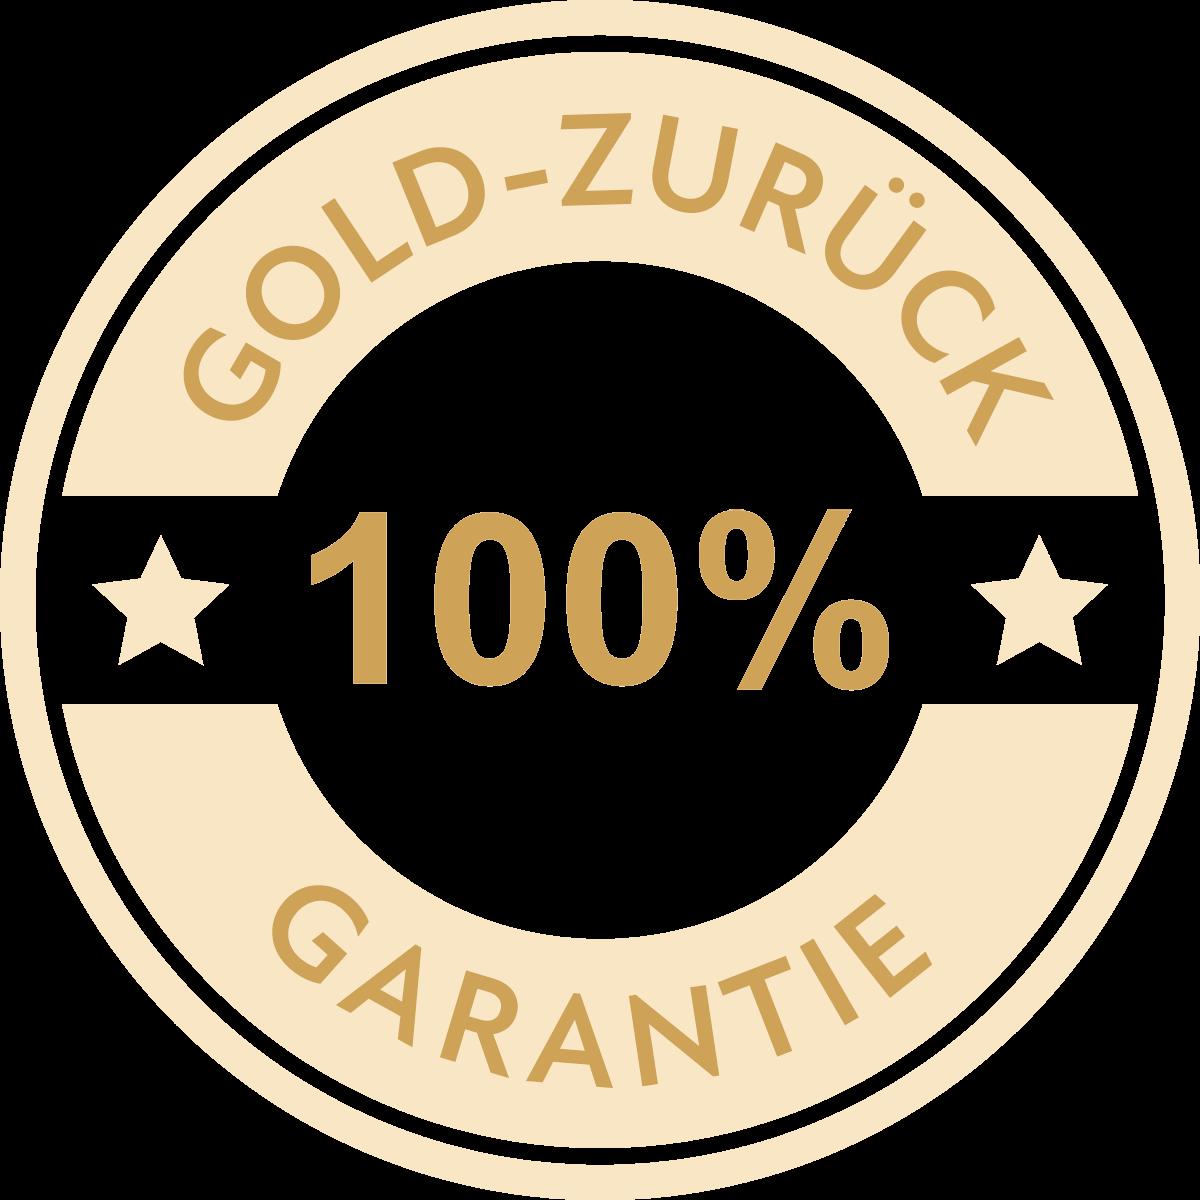 Gold-Zurück-Garantie - Goldlieb Goldankauf